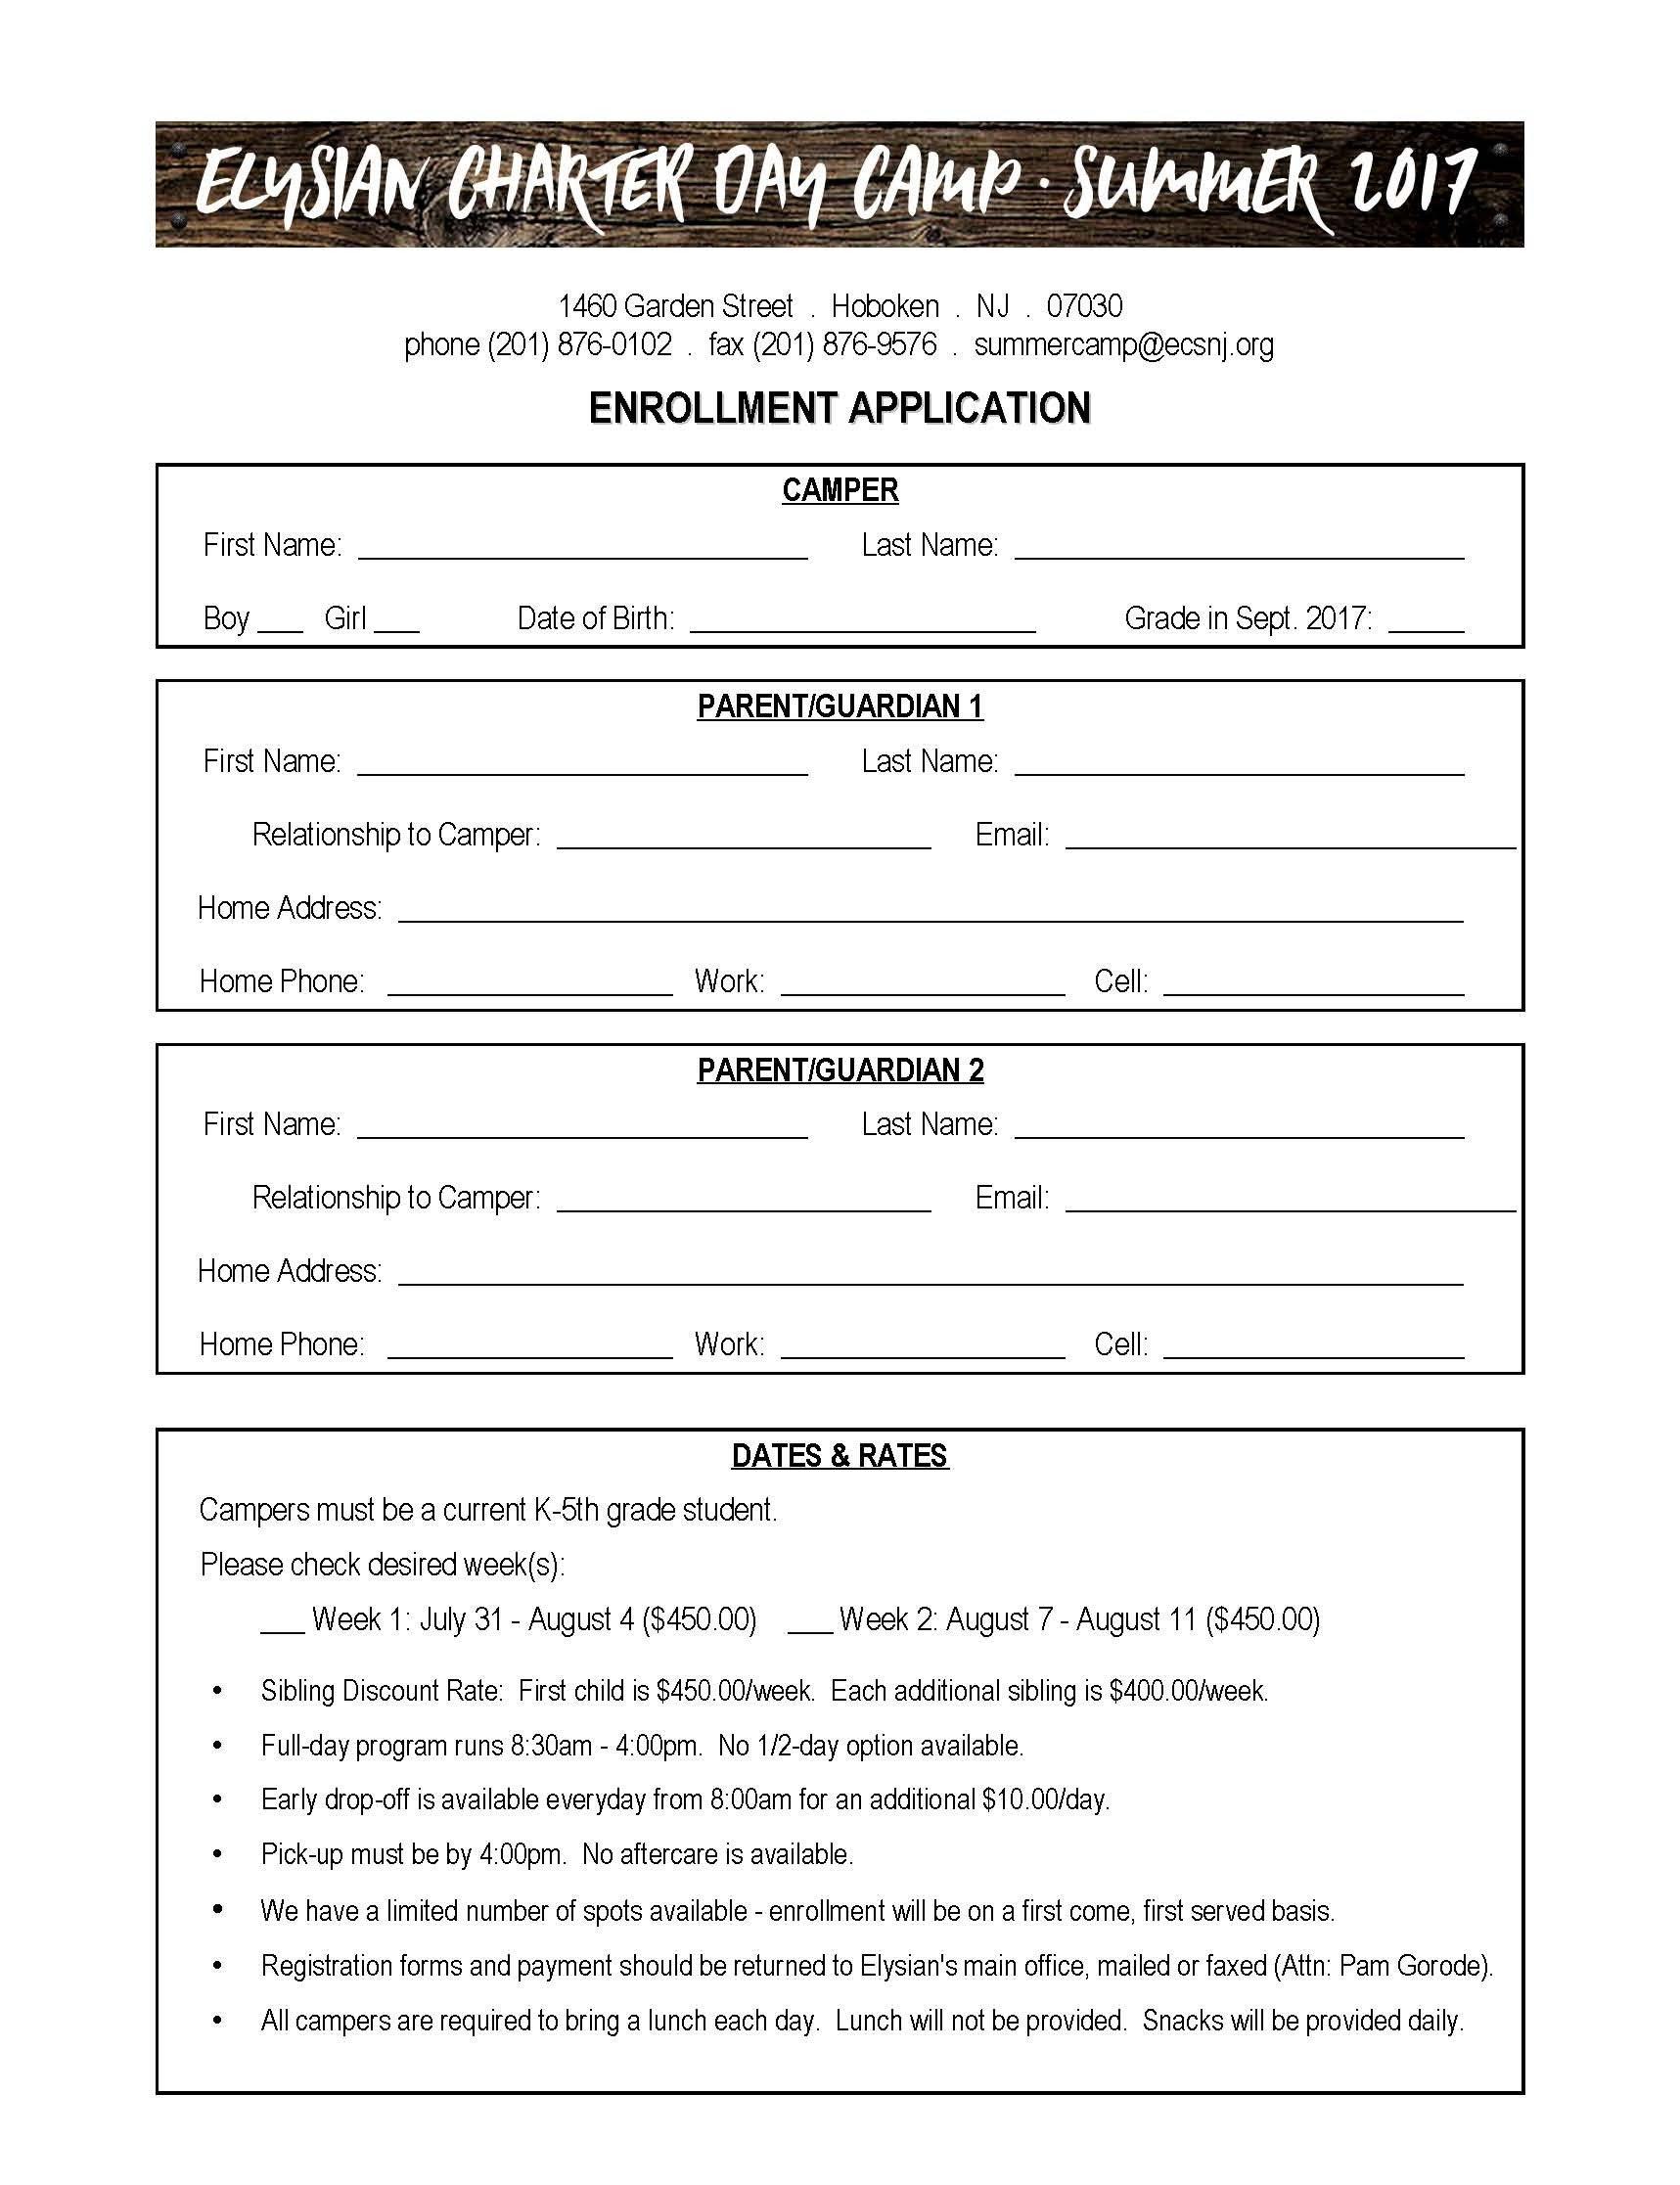 Camp Registration forms Camp Registration form – Elysian Charter School